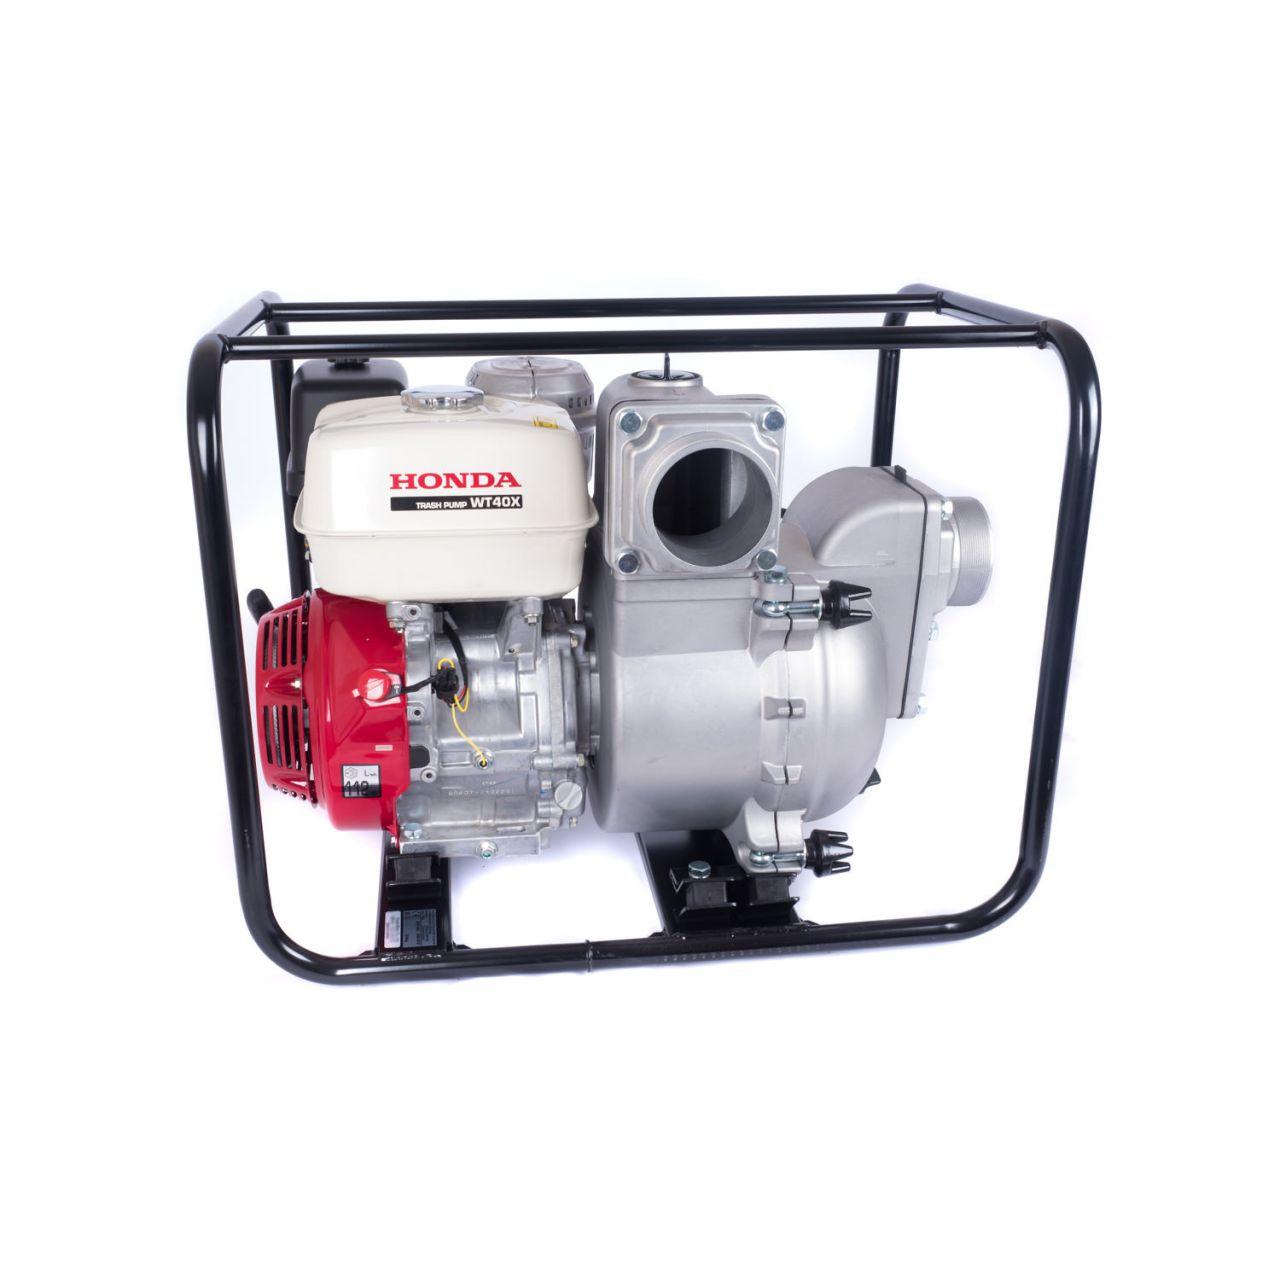 Honda Wasserpumpe WT 40 X WT40X